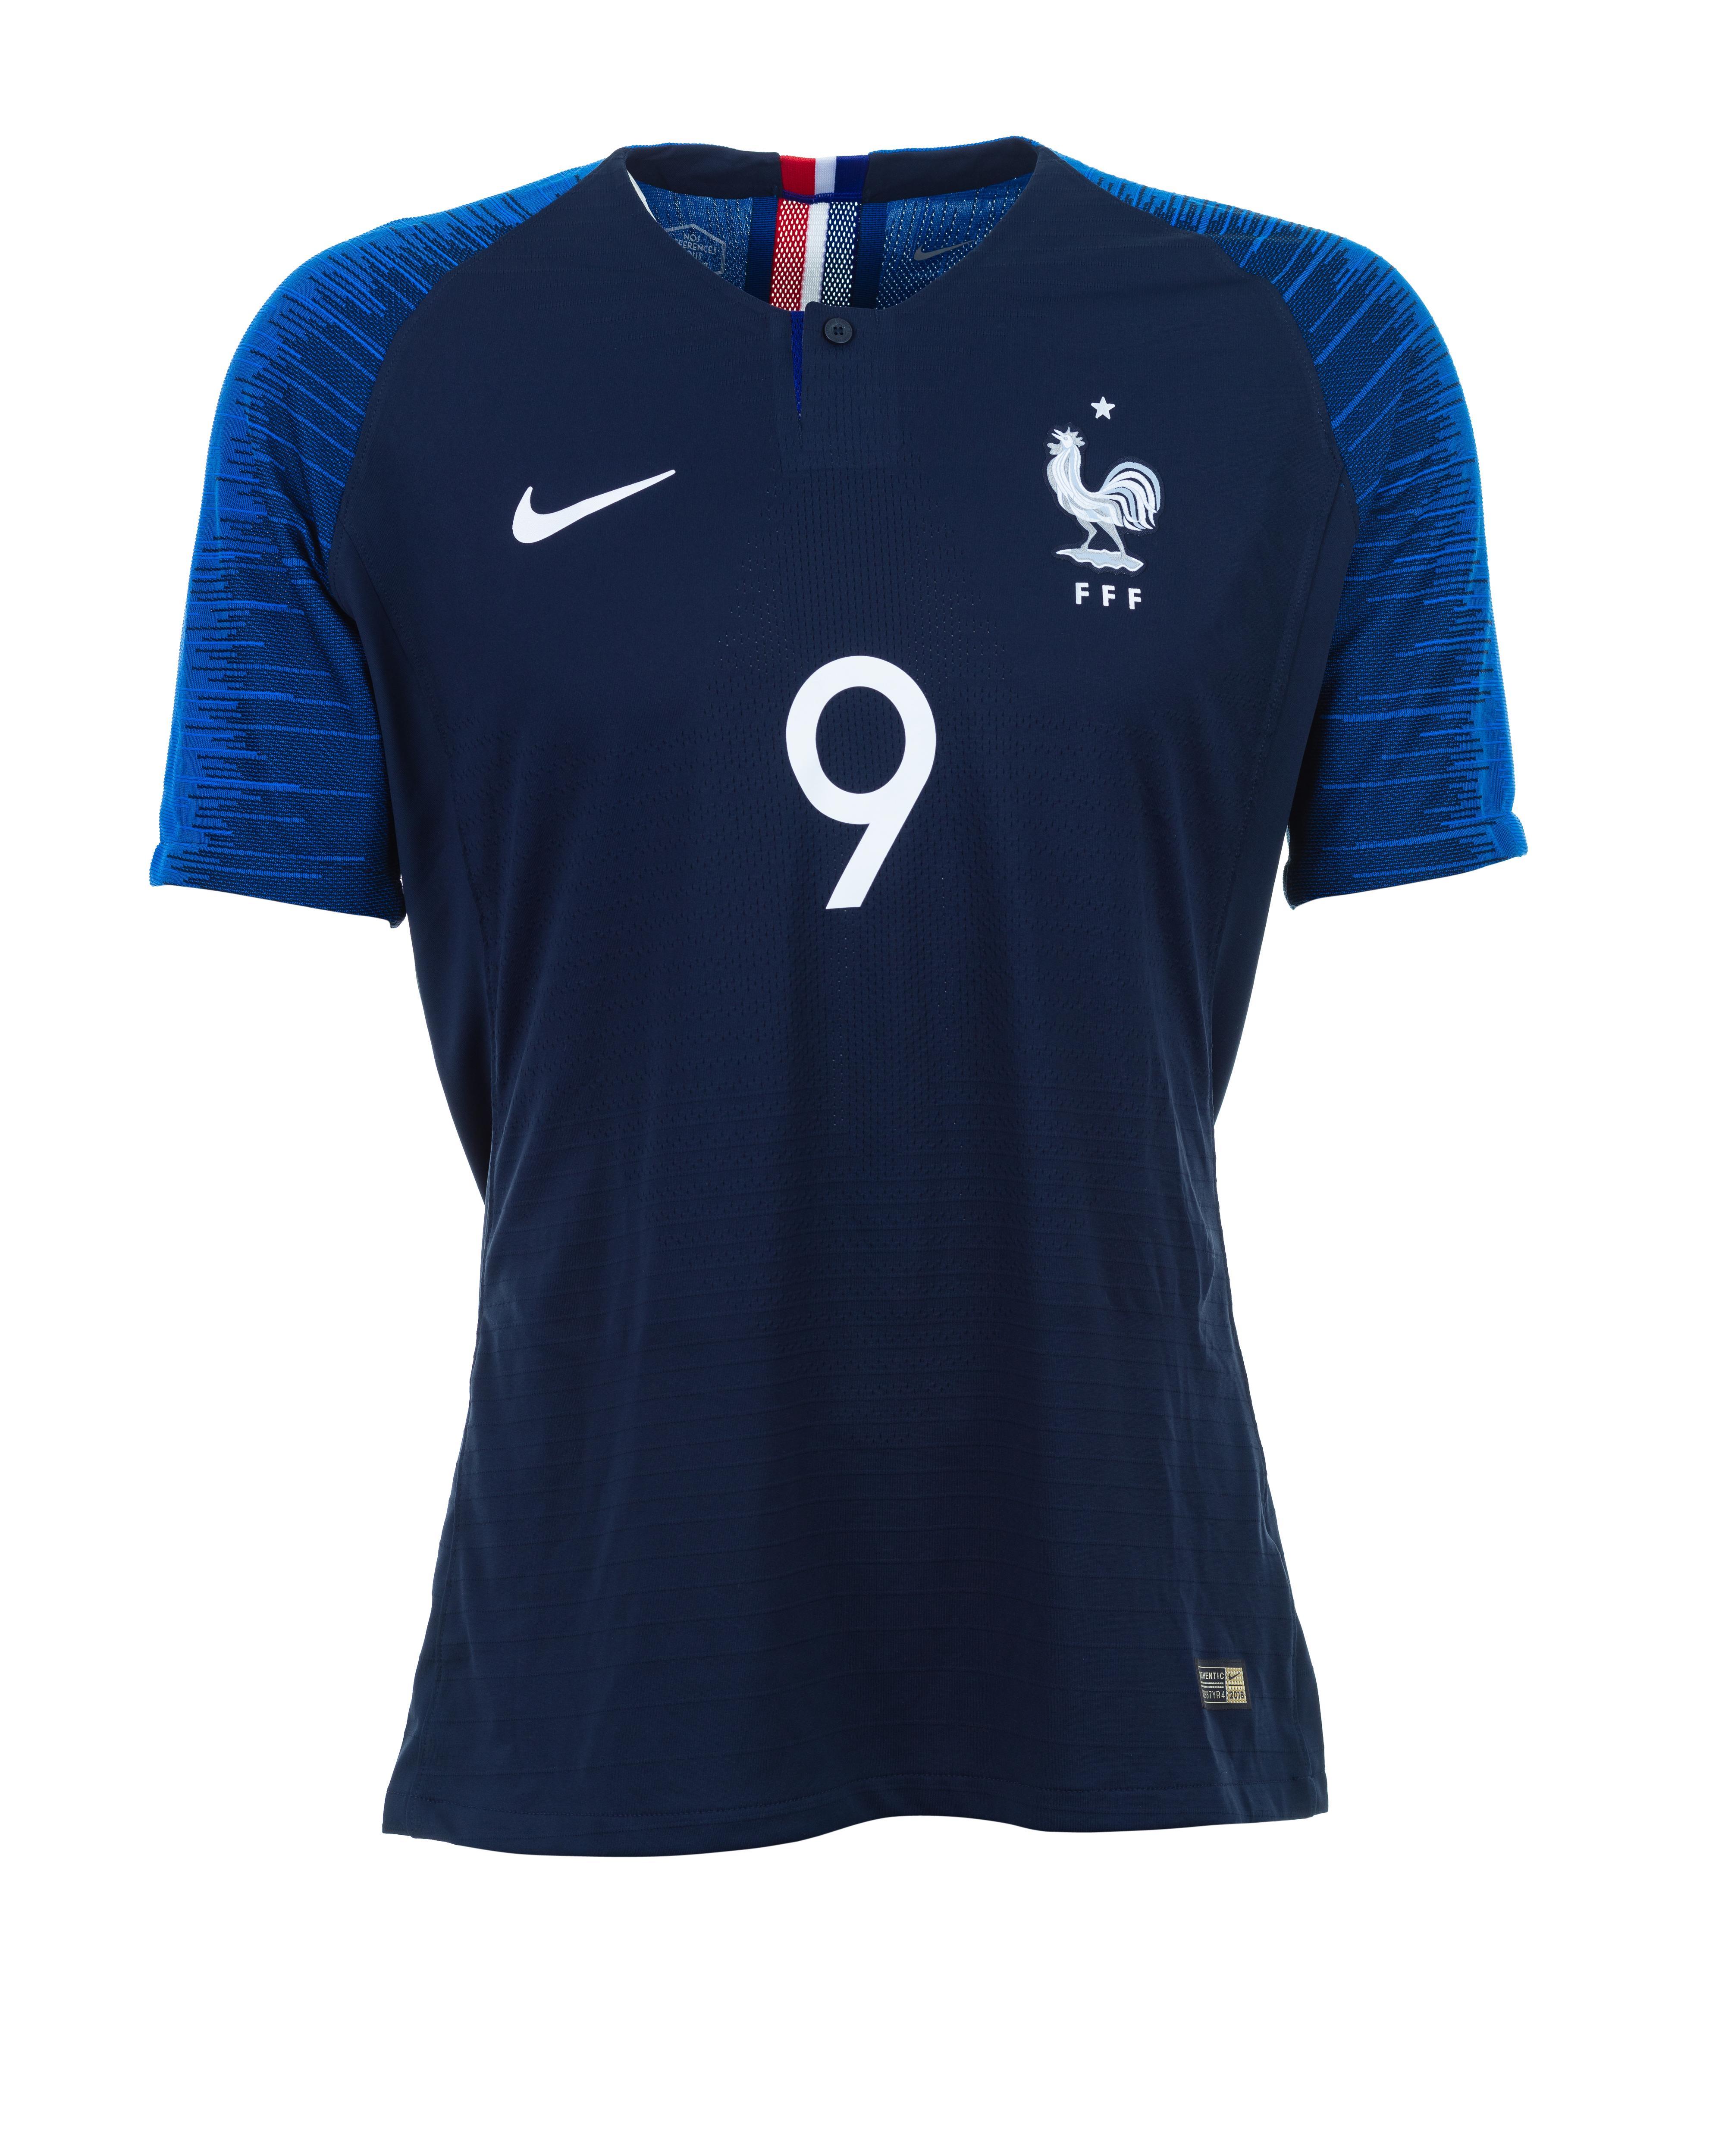 c27ac38420 Veja as camisas titulares das 32 seleções da Copa do Mundo 2018 ...